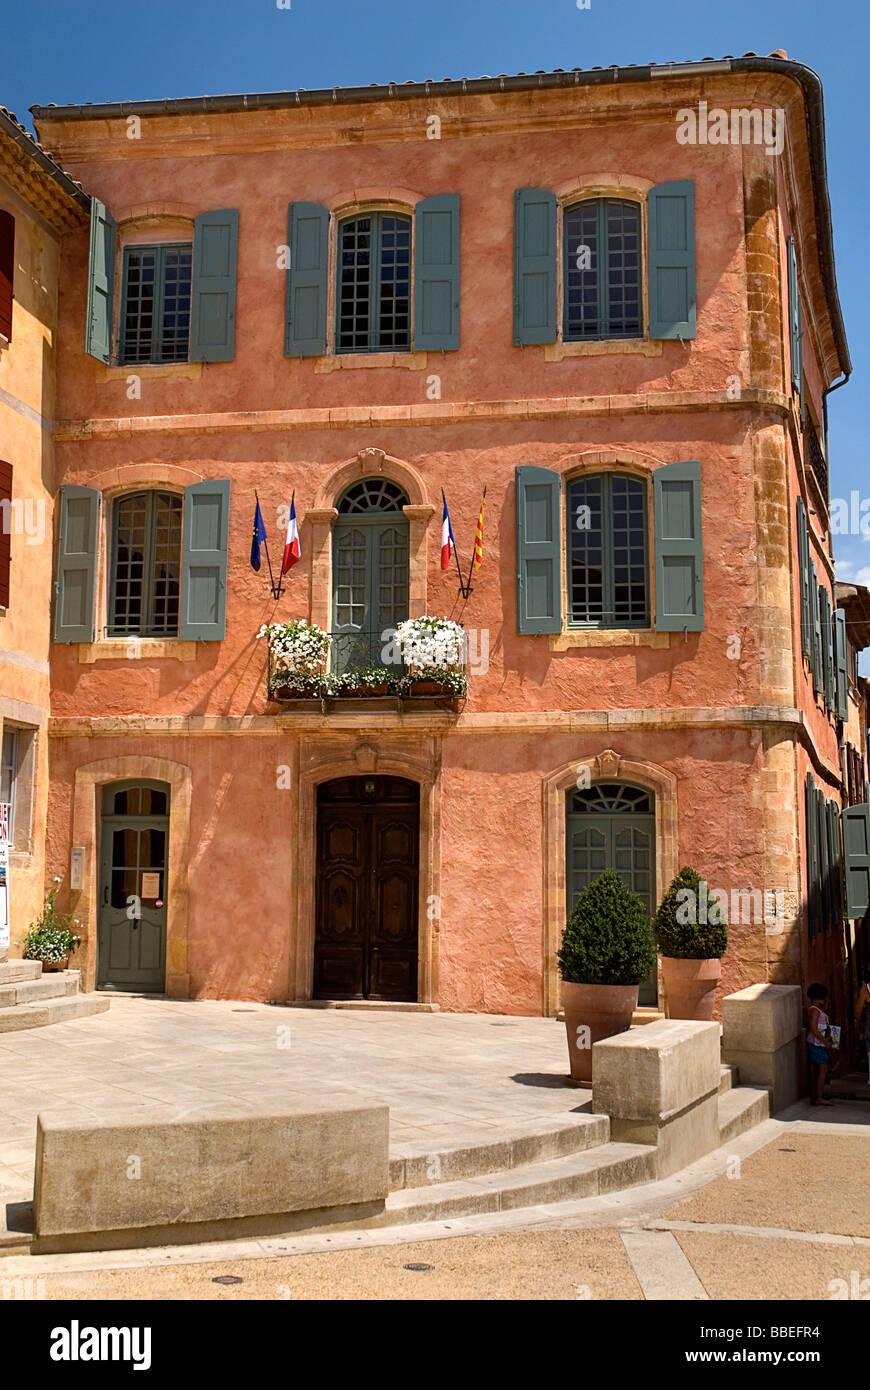 Couleurs Facades En Provence façade de couleur ocre photos & façade de couleur ocre